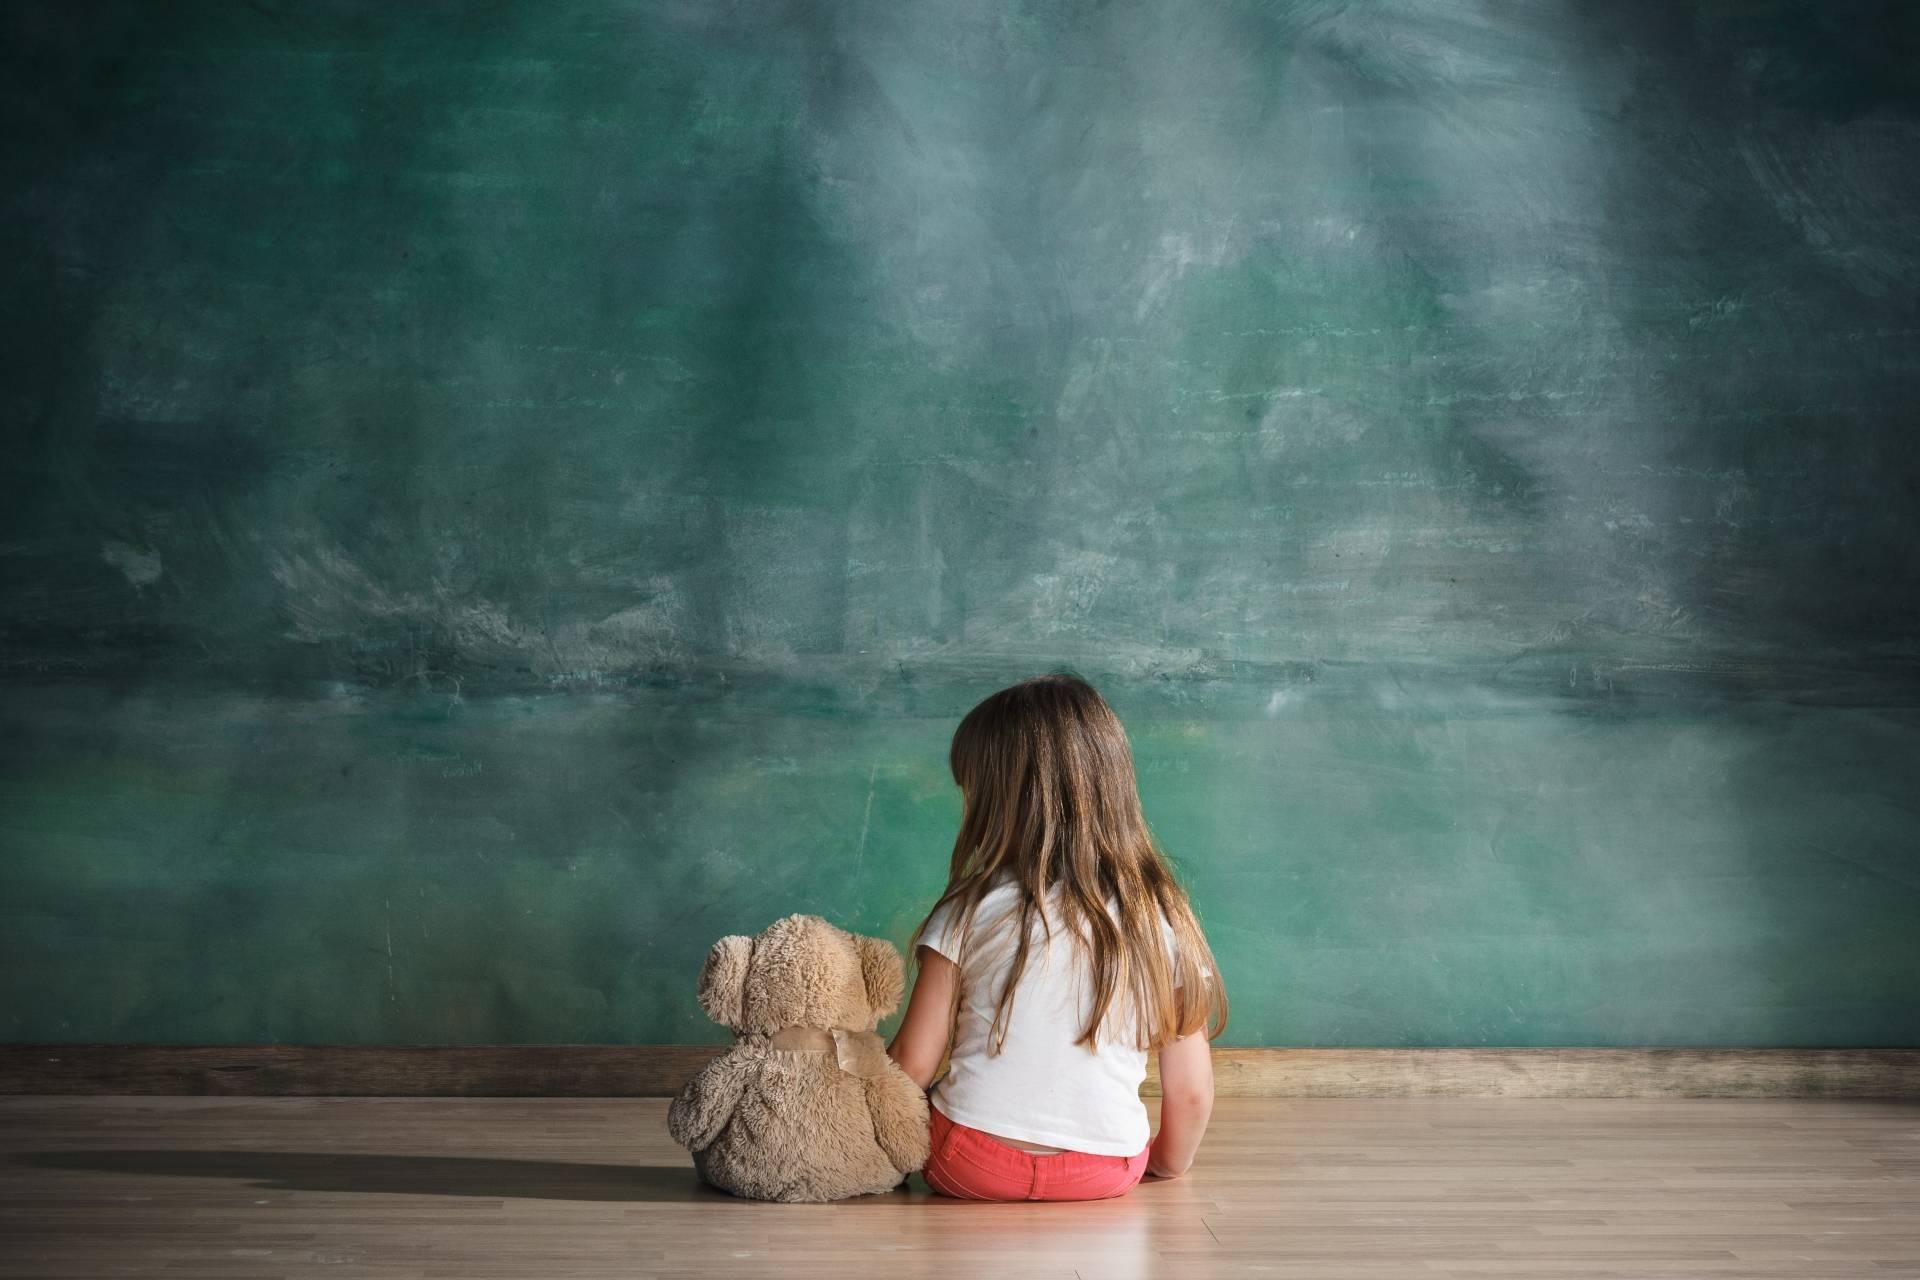 Wysoko wrażliwe dziecko. Mała dziewczynka siedzi na podłodze zwrócona przodem do ściany. Obok niej siedzi pluszowy miś.